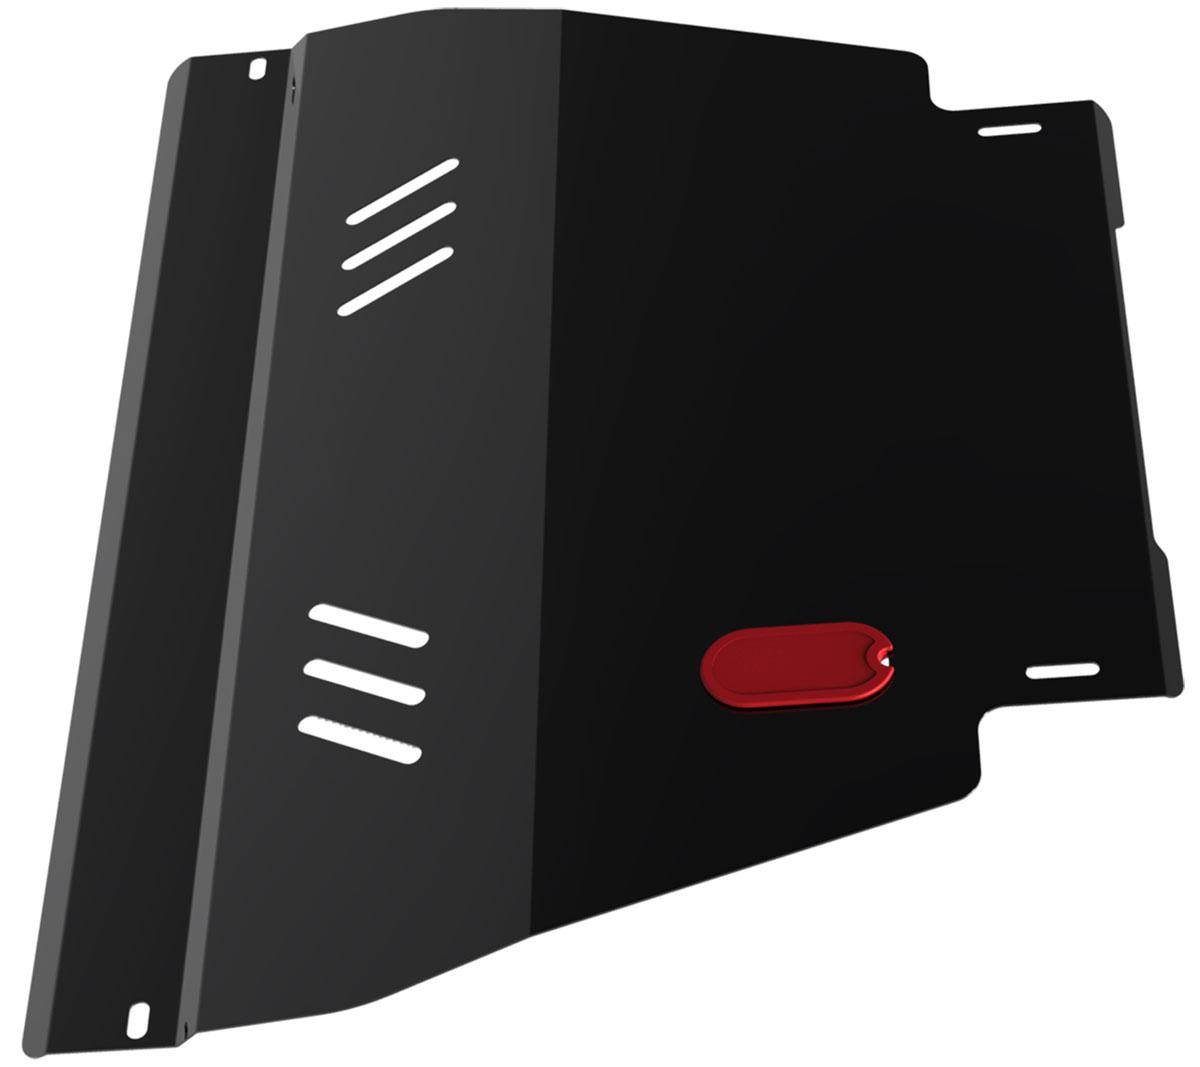 Защита картера и КПП Автоброня, для Nissan Ad Van/Almera N15/Primera P11/Sunny B14/Wingroad. 111.04129.1111.04129.1Технологически совершенный продукт за невысокую стоимость. Защита разработана с учетом особенностей днища автомобиля, что позволяет сохранить дорожный просвет с минимальным изменением. Защита устанавливается в штатные места кузова автомобиля. Глубокий штамп обеспечивает до двух раз больше жесткости в сравнении с обычной защитой той же толщины. Проштампованные ребра жесткости препятствуют деформации защиты при ударах. Тепловой зазор и вентиляционные отверстия обеспечивают сохранение температурного режима двигателя в норме. Скрытый крепеж предотвращает срыв крепежных элементов при наезде на препятствие. Шумопоглощающие резиновые элементы обеспечивают комфортную езду без вибраций и скрежета металла, а съемные лючки для слива масла и замены фильтра - экономию средств и времени. Конструкция изделия не влияет на пассивную безопасность автомобиля (при ударе защита не воздействует на деформационные зоны кузова). Толщина стали: 2 мм. В комплекте набор...